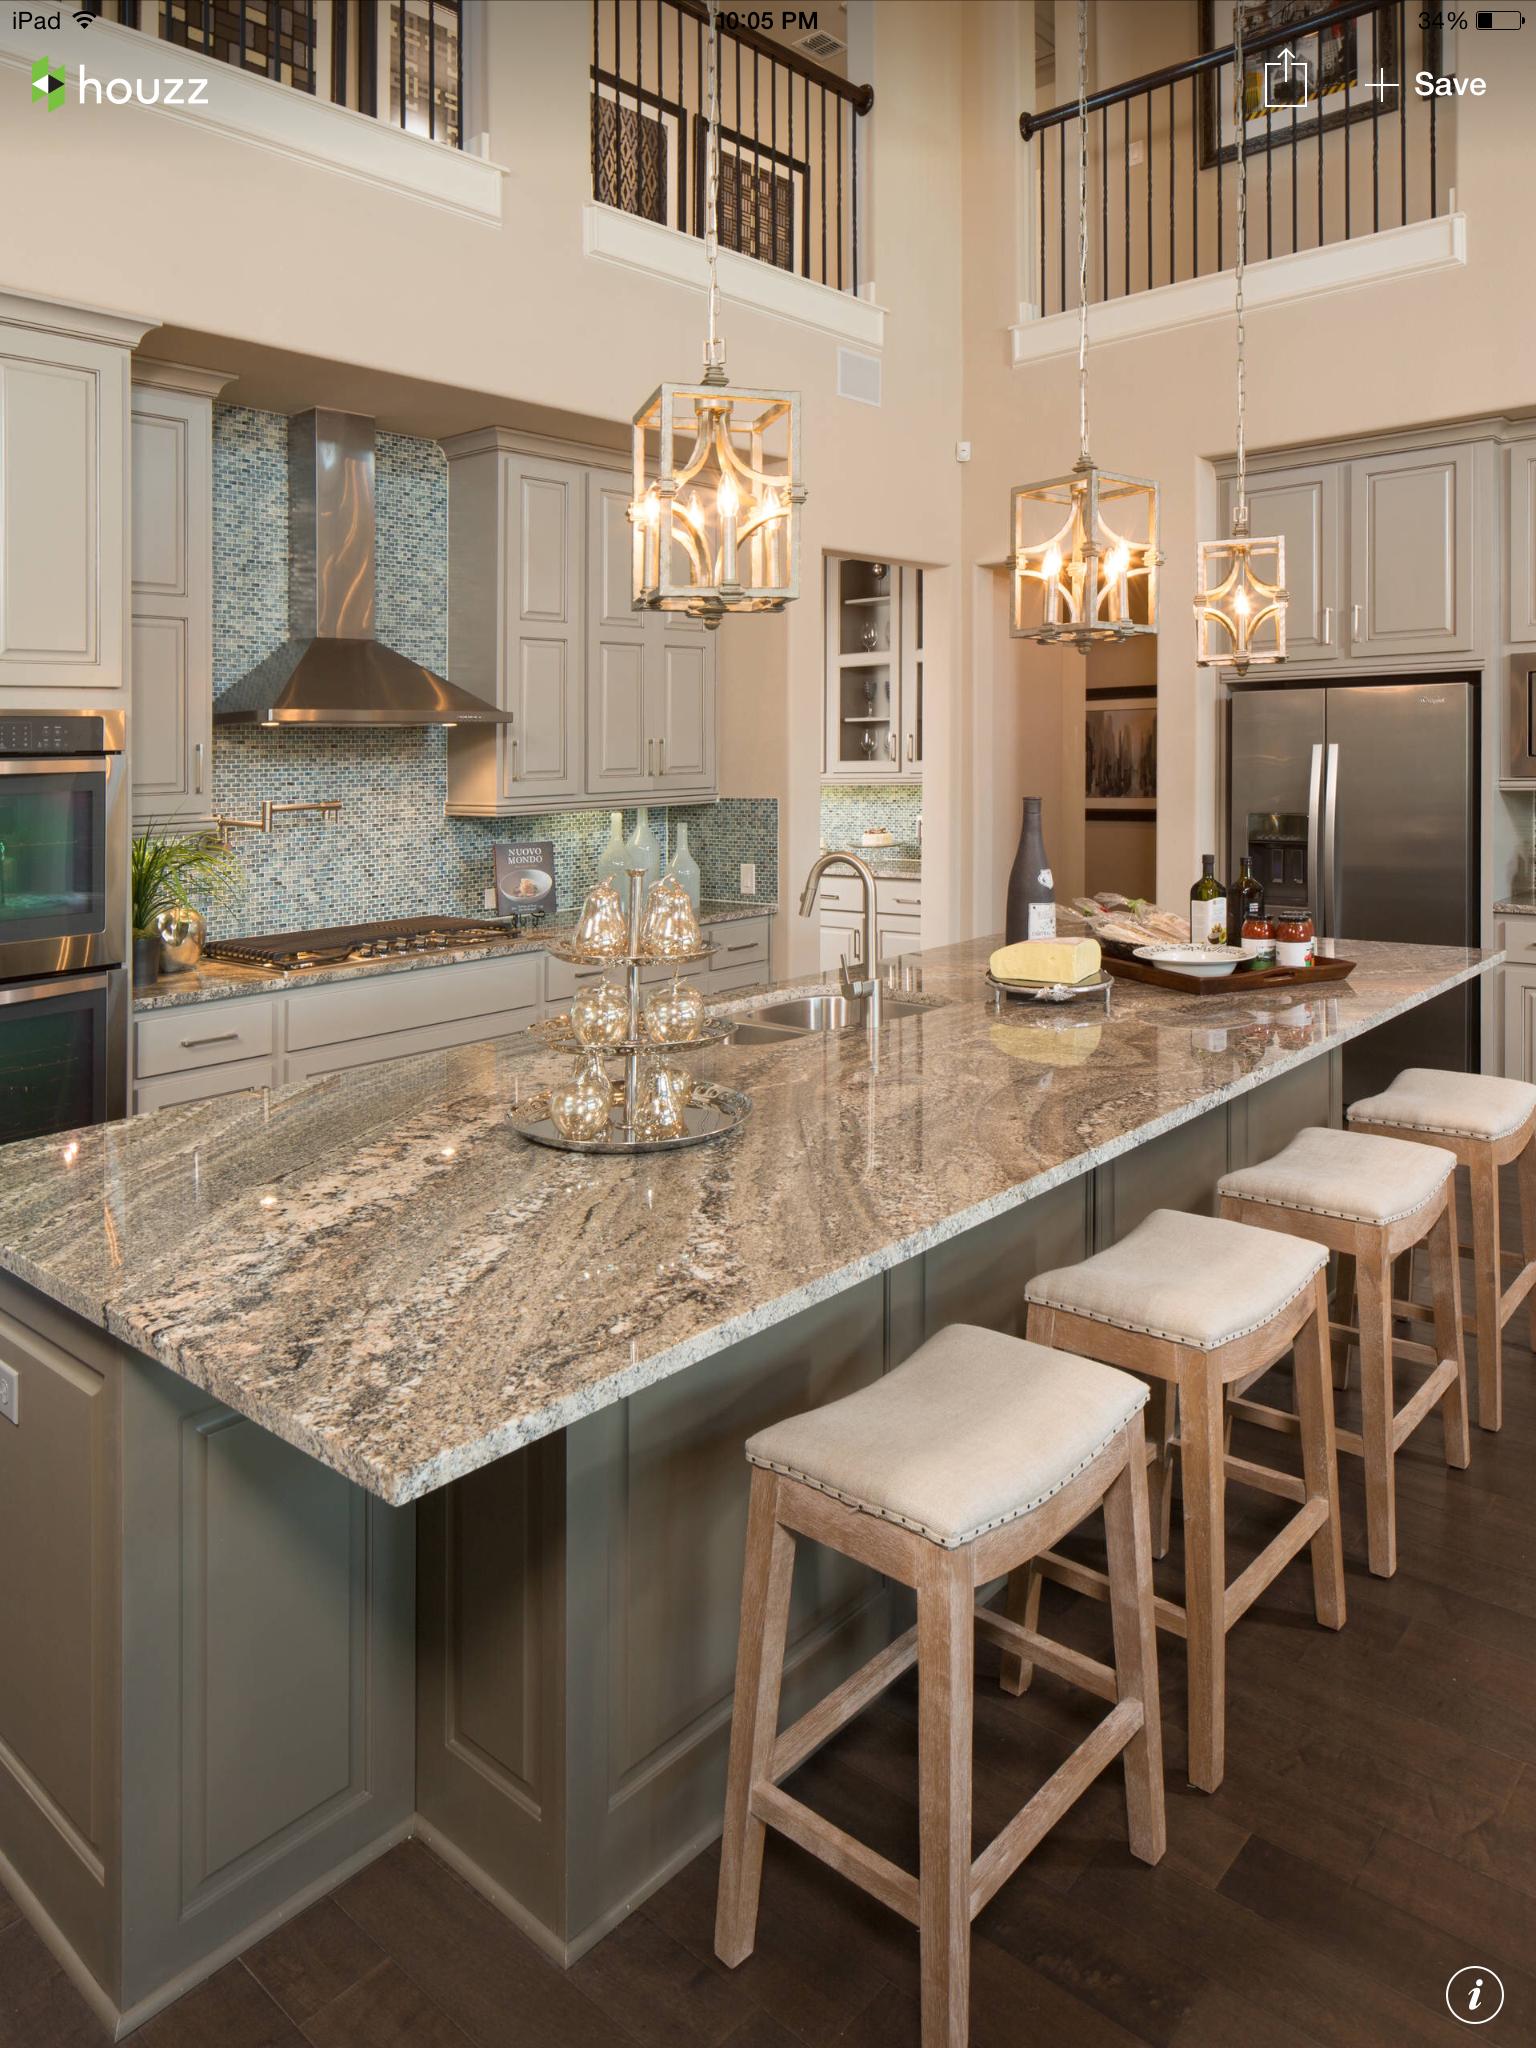 best kitchen backsplash ideas to help create your dream kitchen